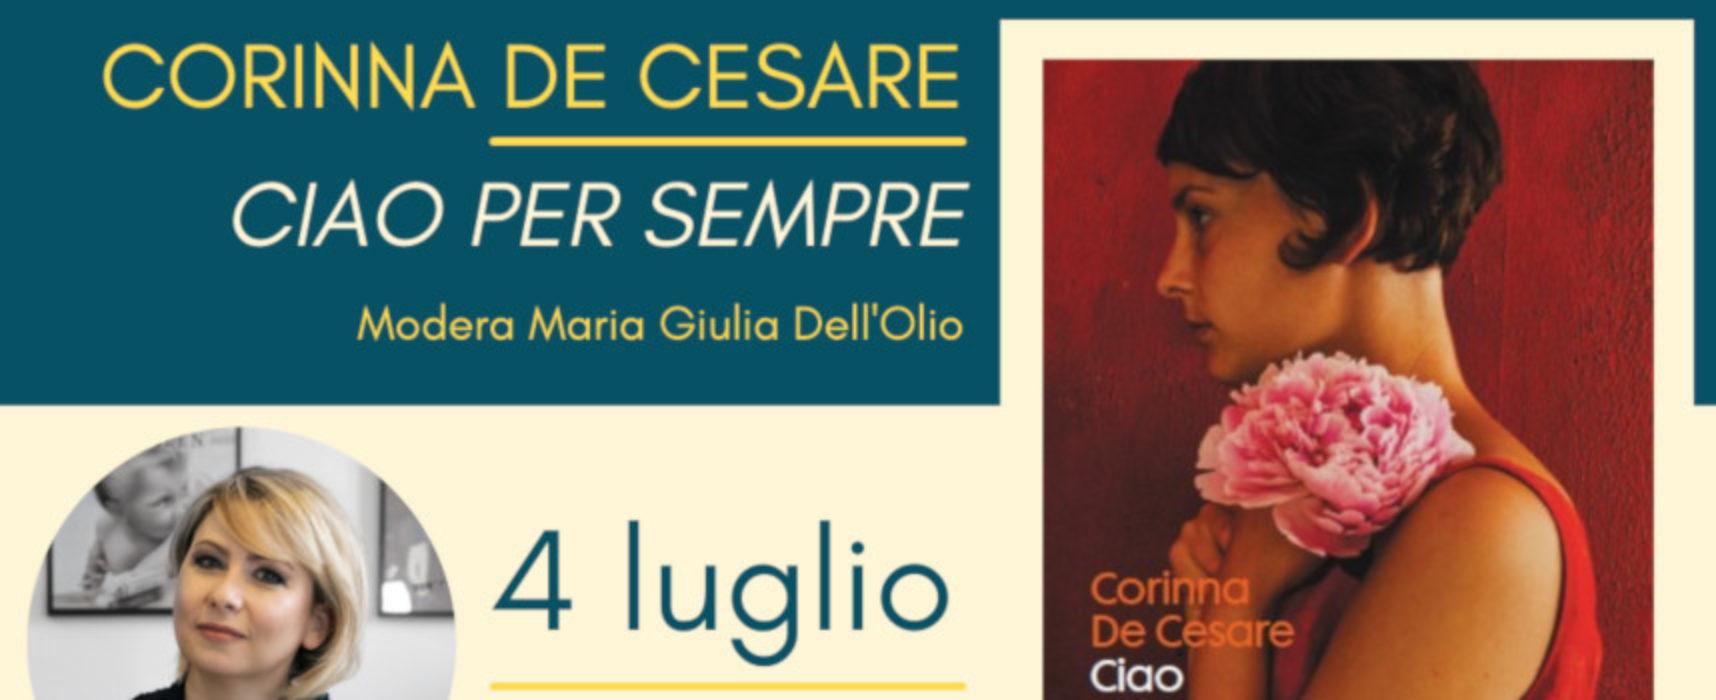 """Al via rassegna """"Prendi un romanzo al chiar di luna"""" con De Cesare e il suo """"Ciao per sempre"""""""